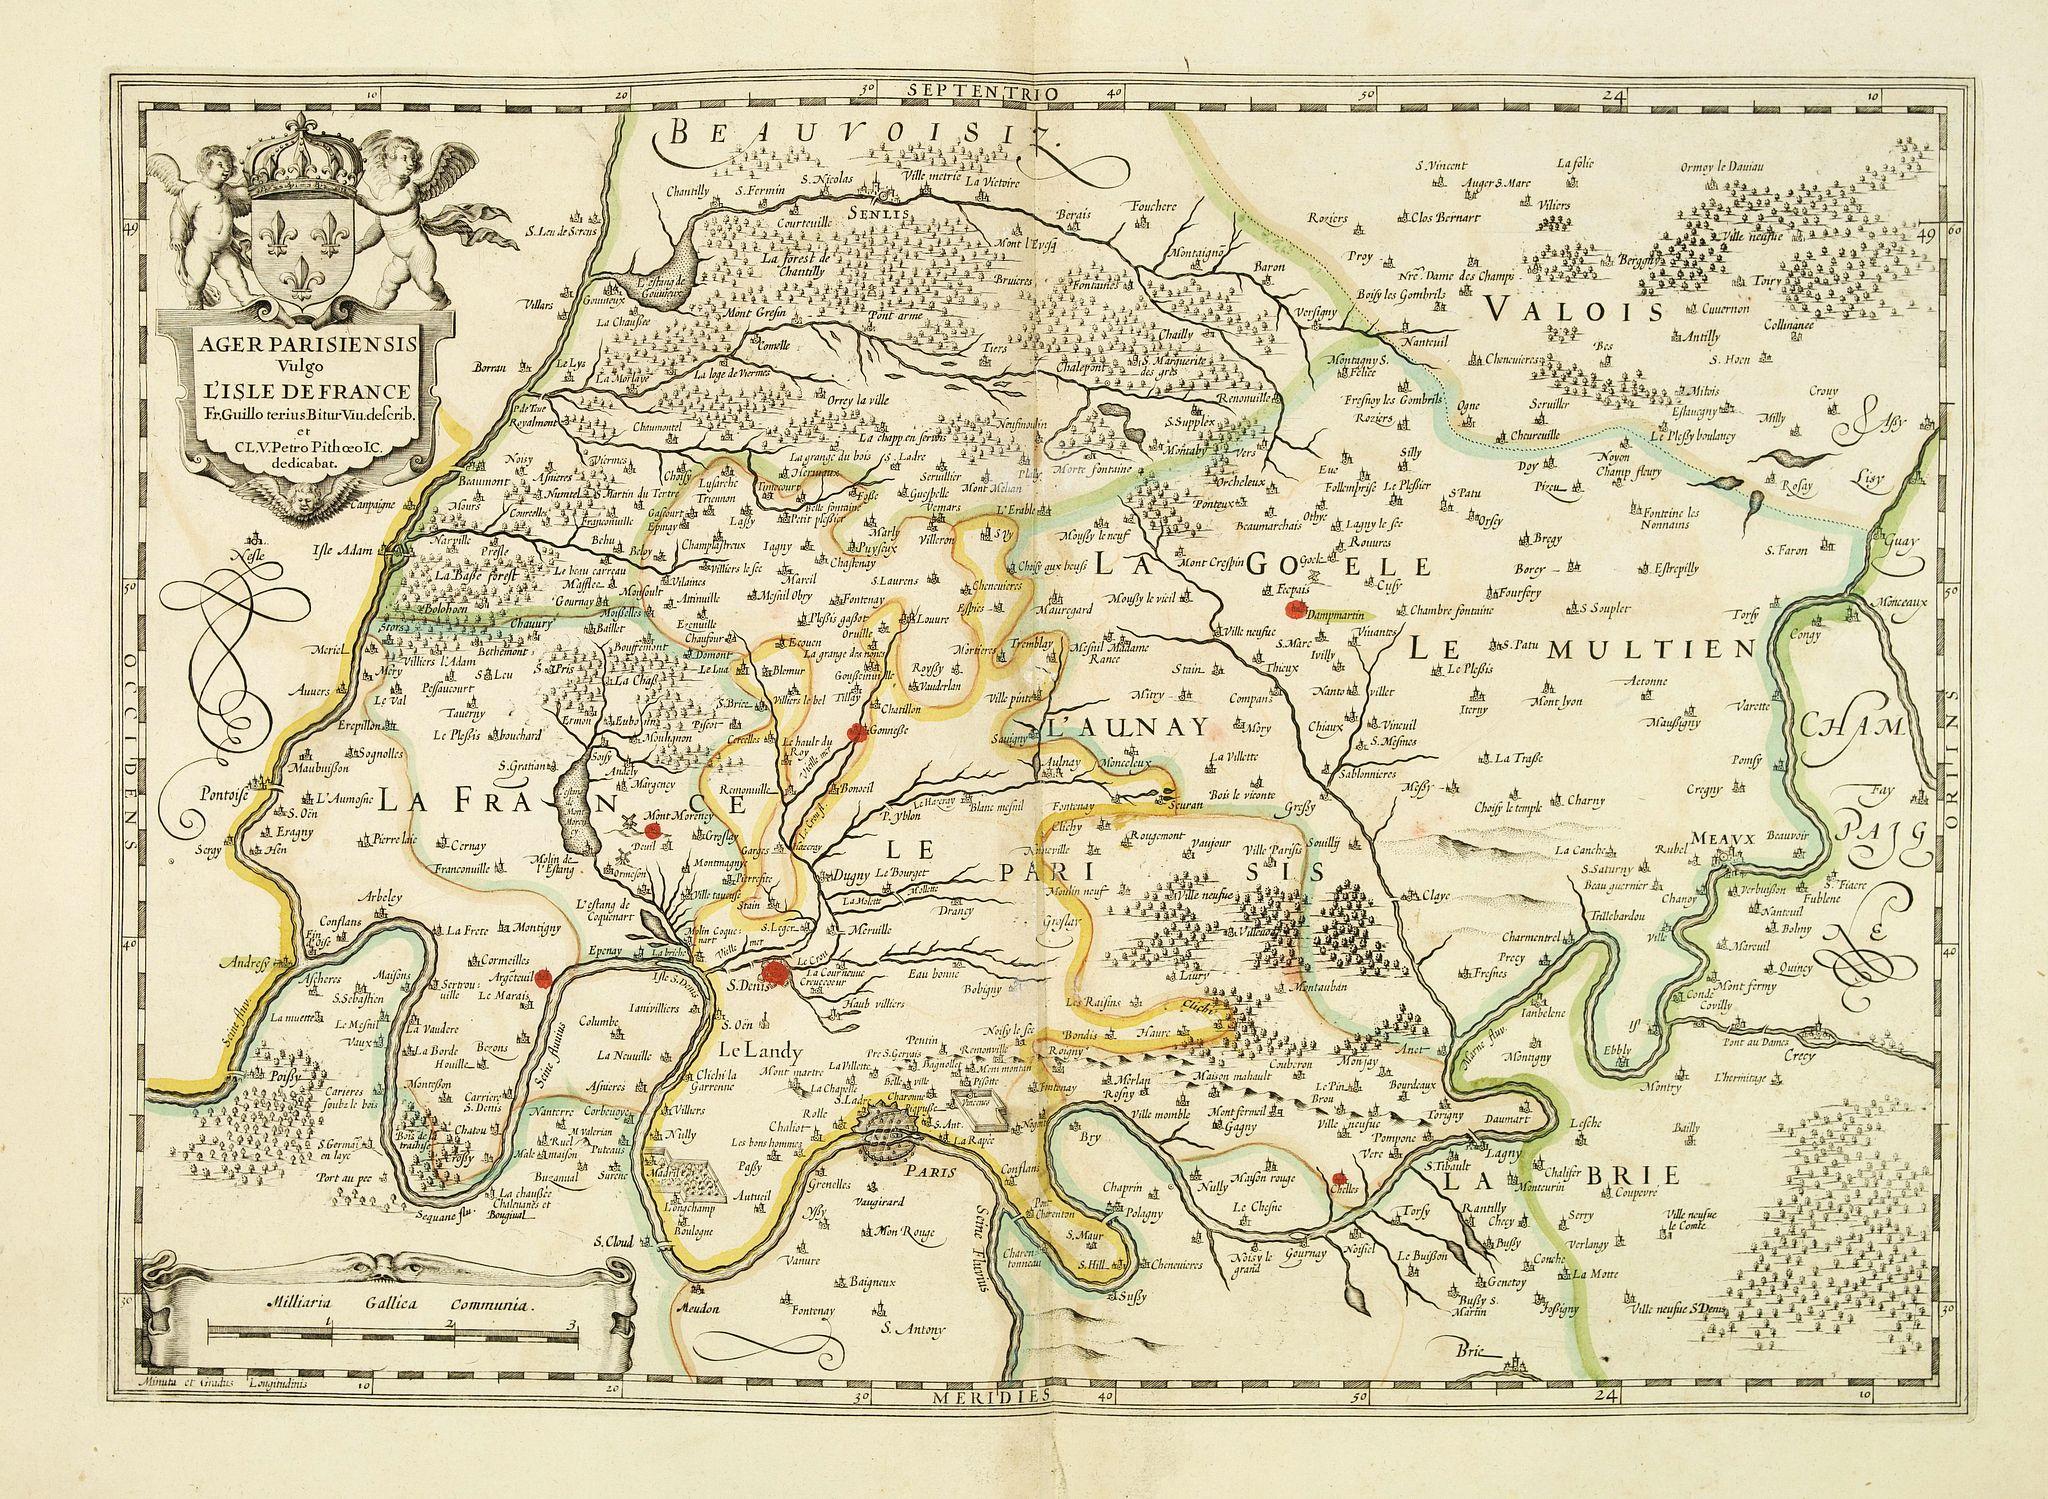 JANSSONIUS, J. -  Ager Parisiensis vulgo l'Isle de France.